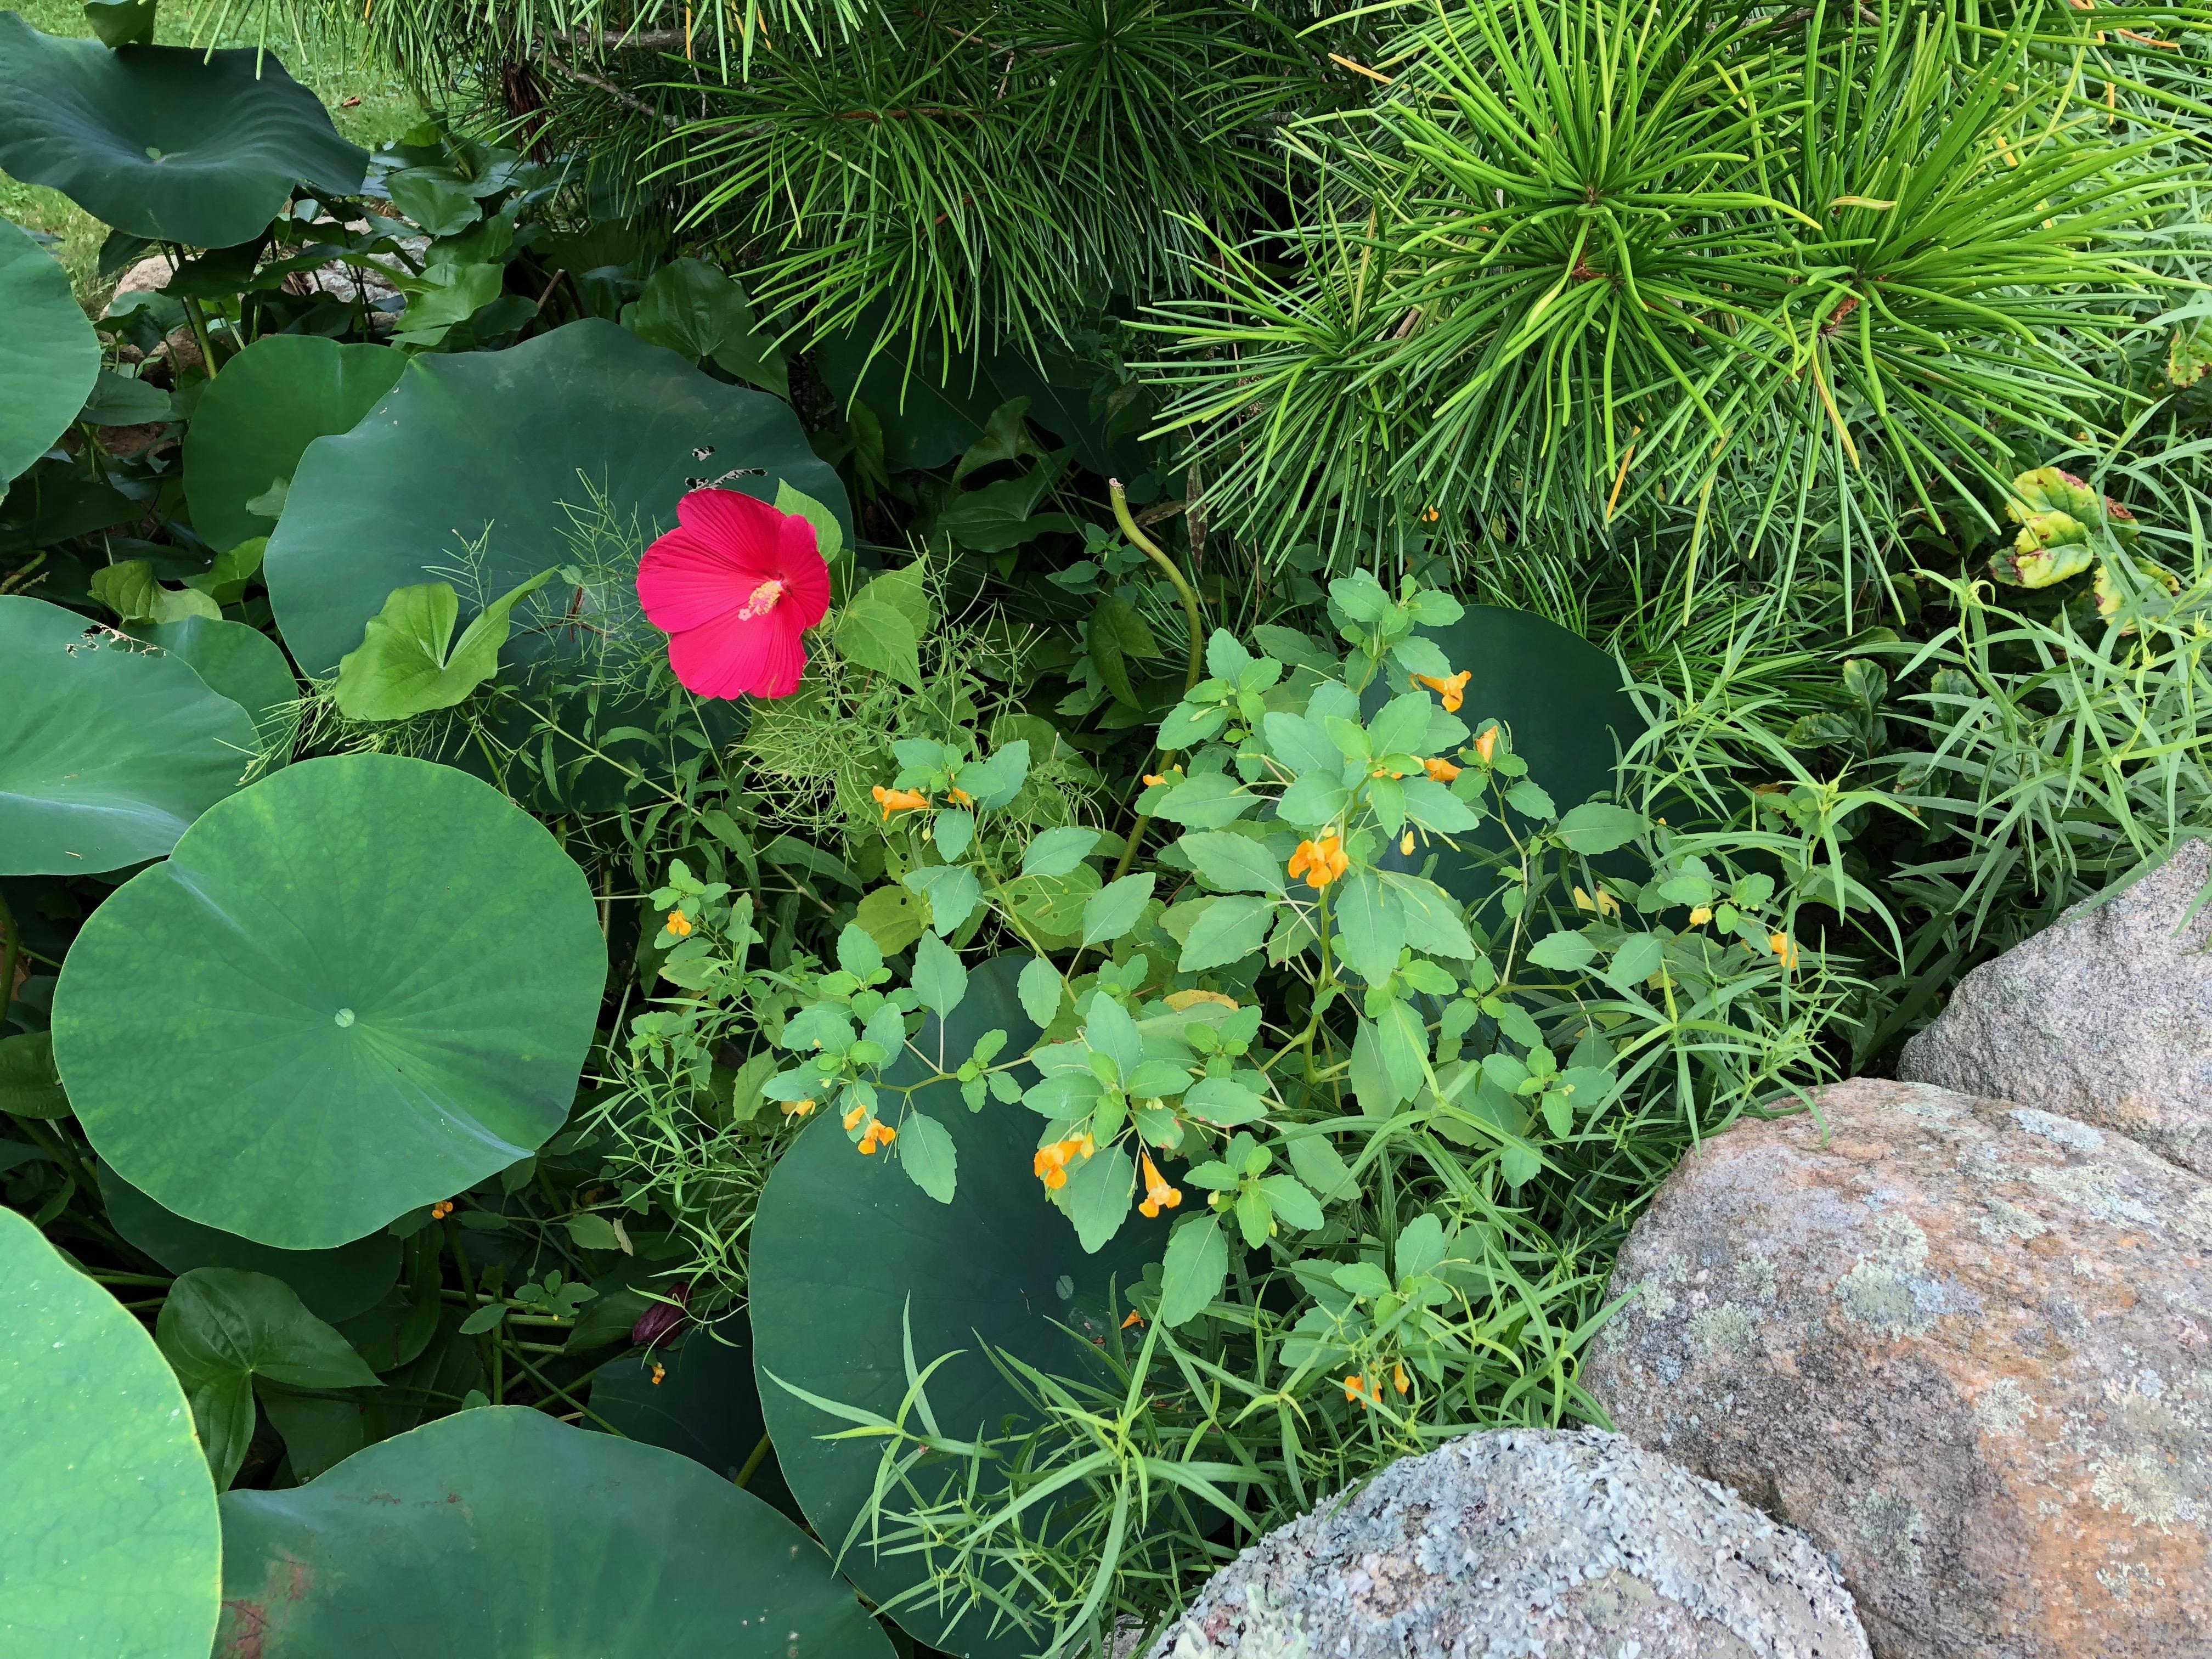 082318-hibiscus-I-believe